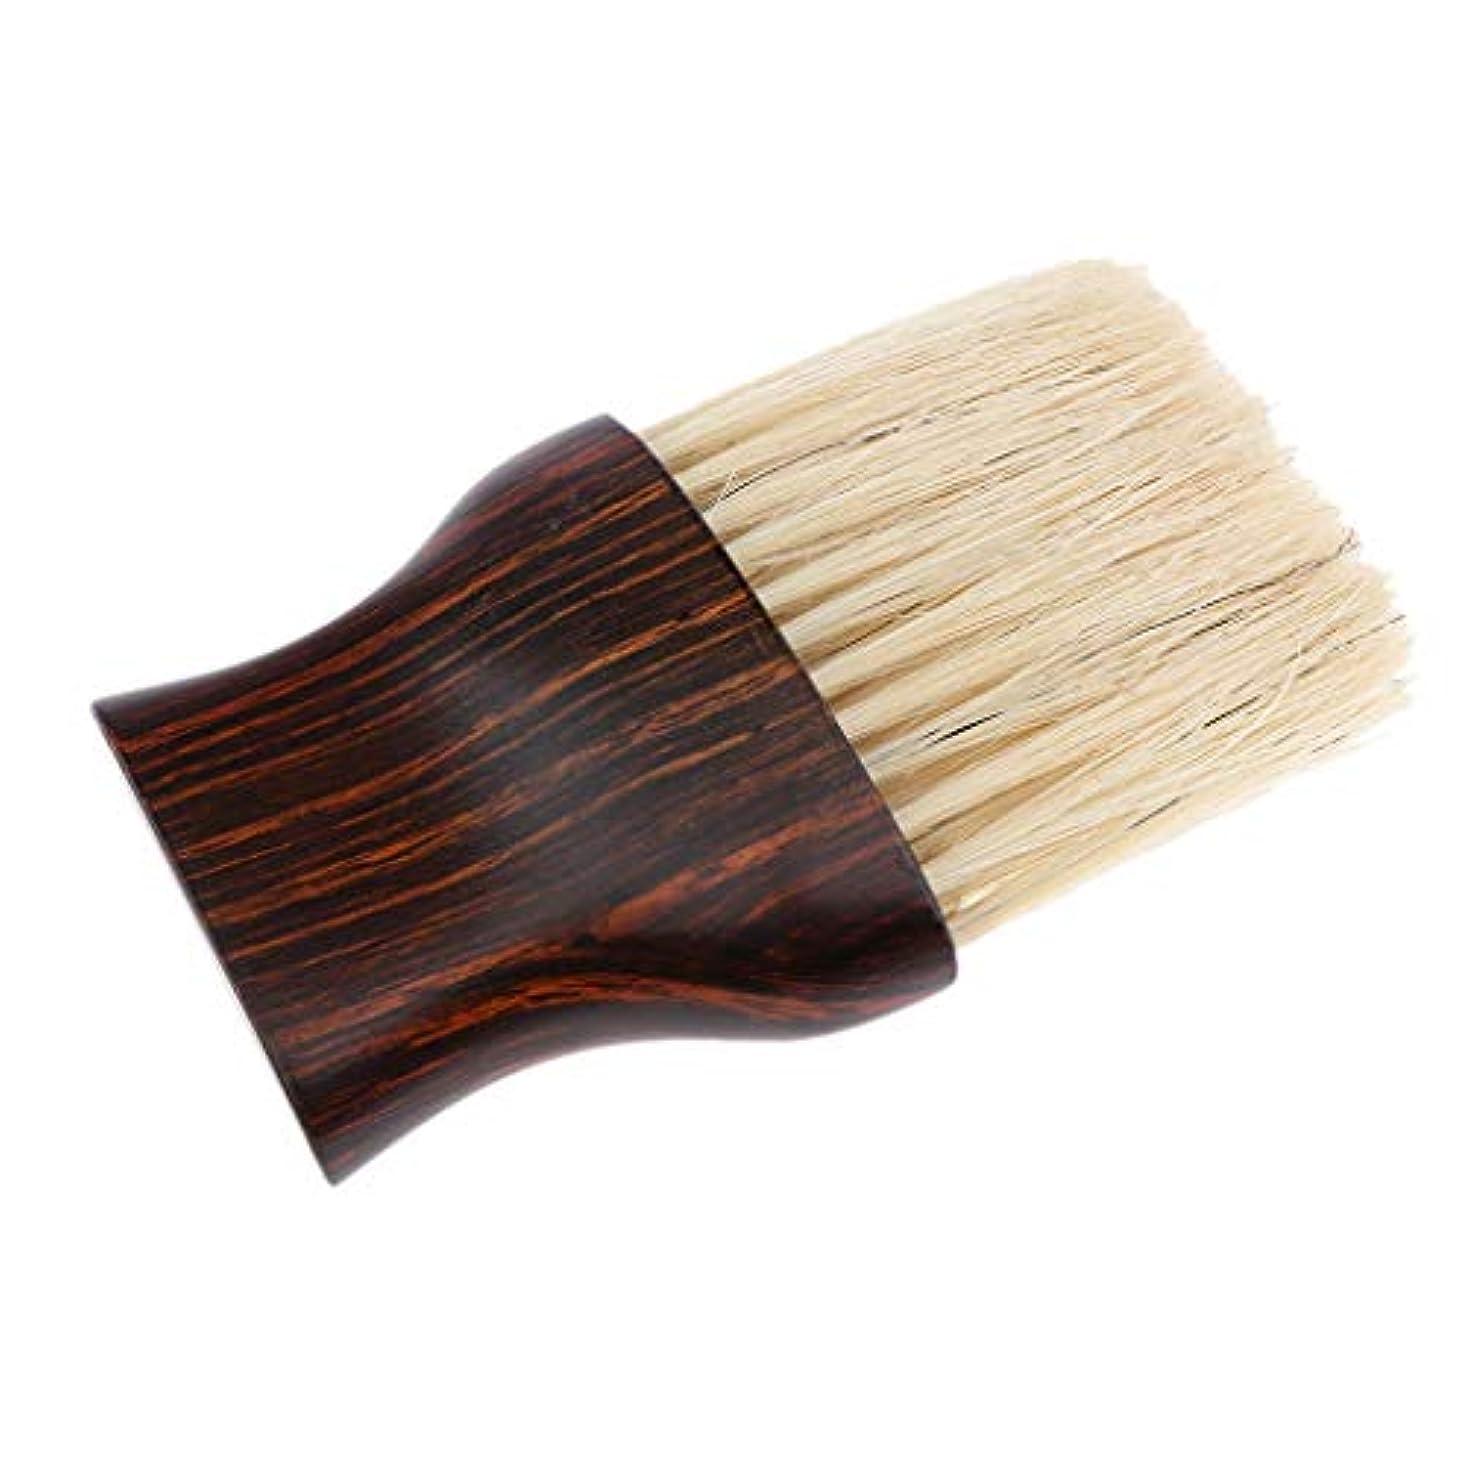 公式許される弾薬ヘアブラシ 毛払いブラシ 散髪 髪切り 散髪用ツール 床屋 理髪店 美容院 ソフトブラシ